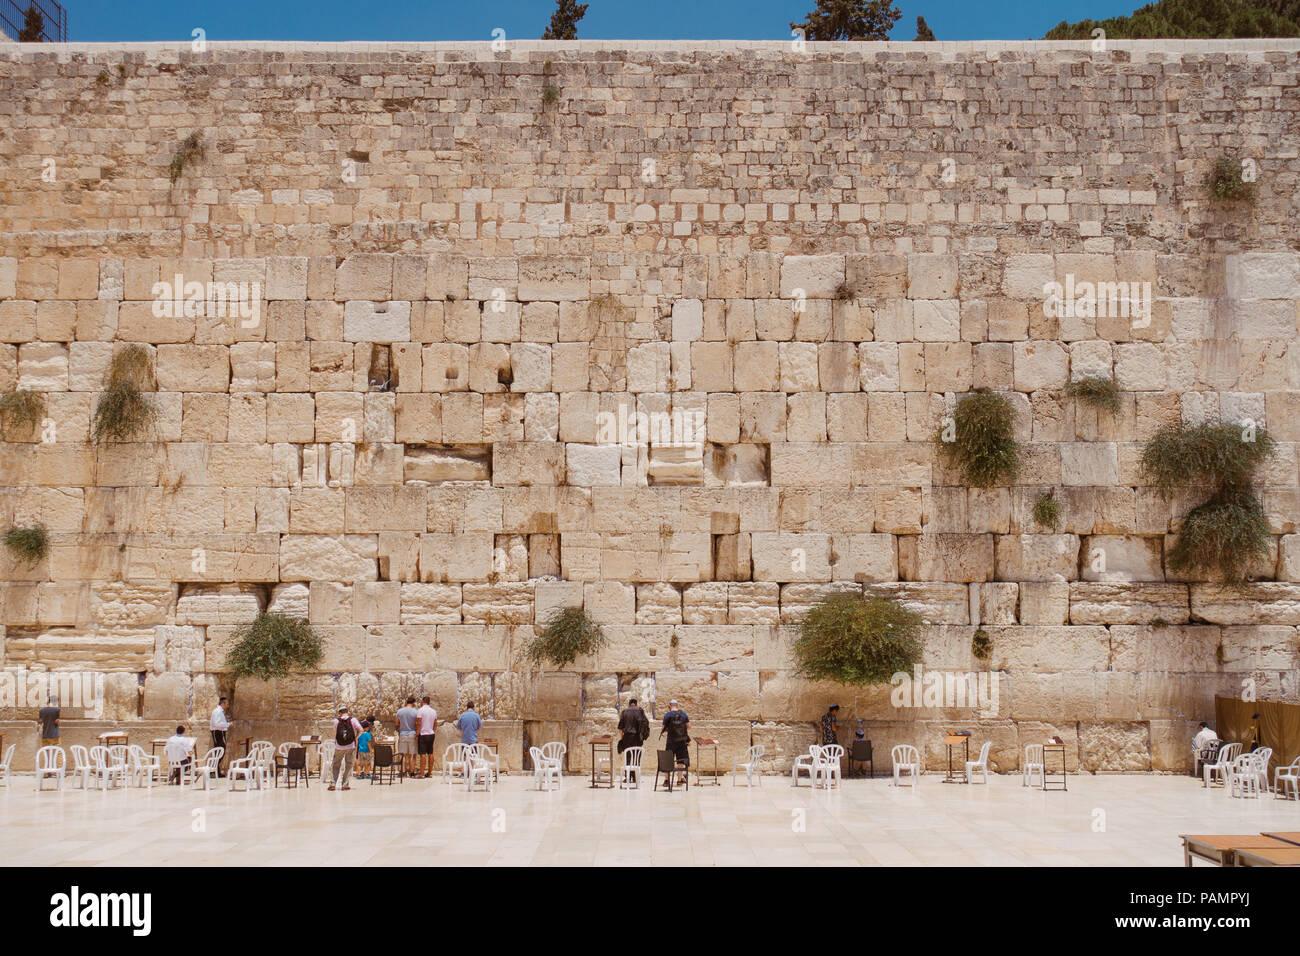 Un carré sur vue de la section masculine du Mur des lamentations, Jérusalem, Tel Aviv Banque D'Images